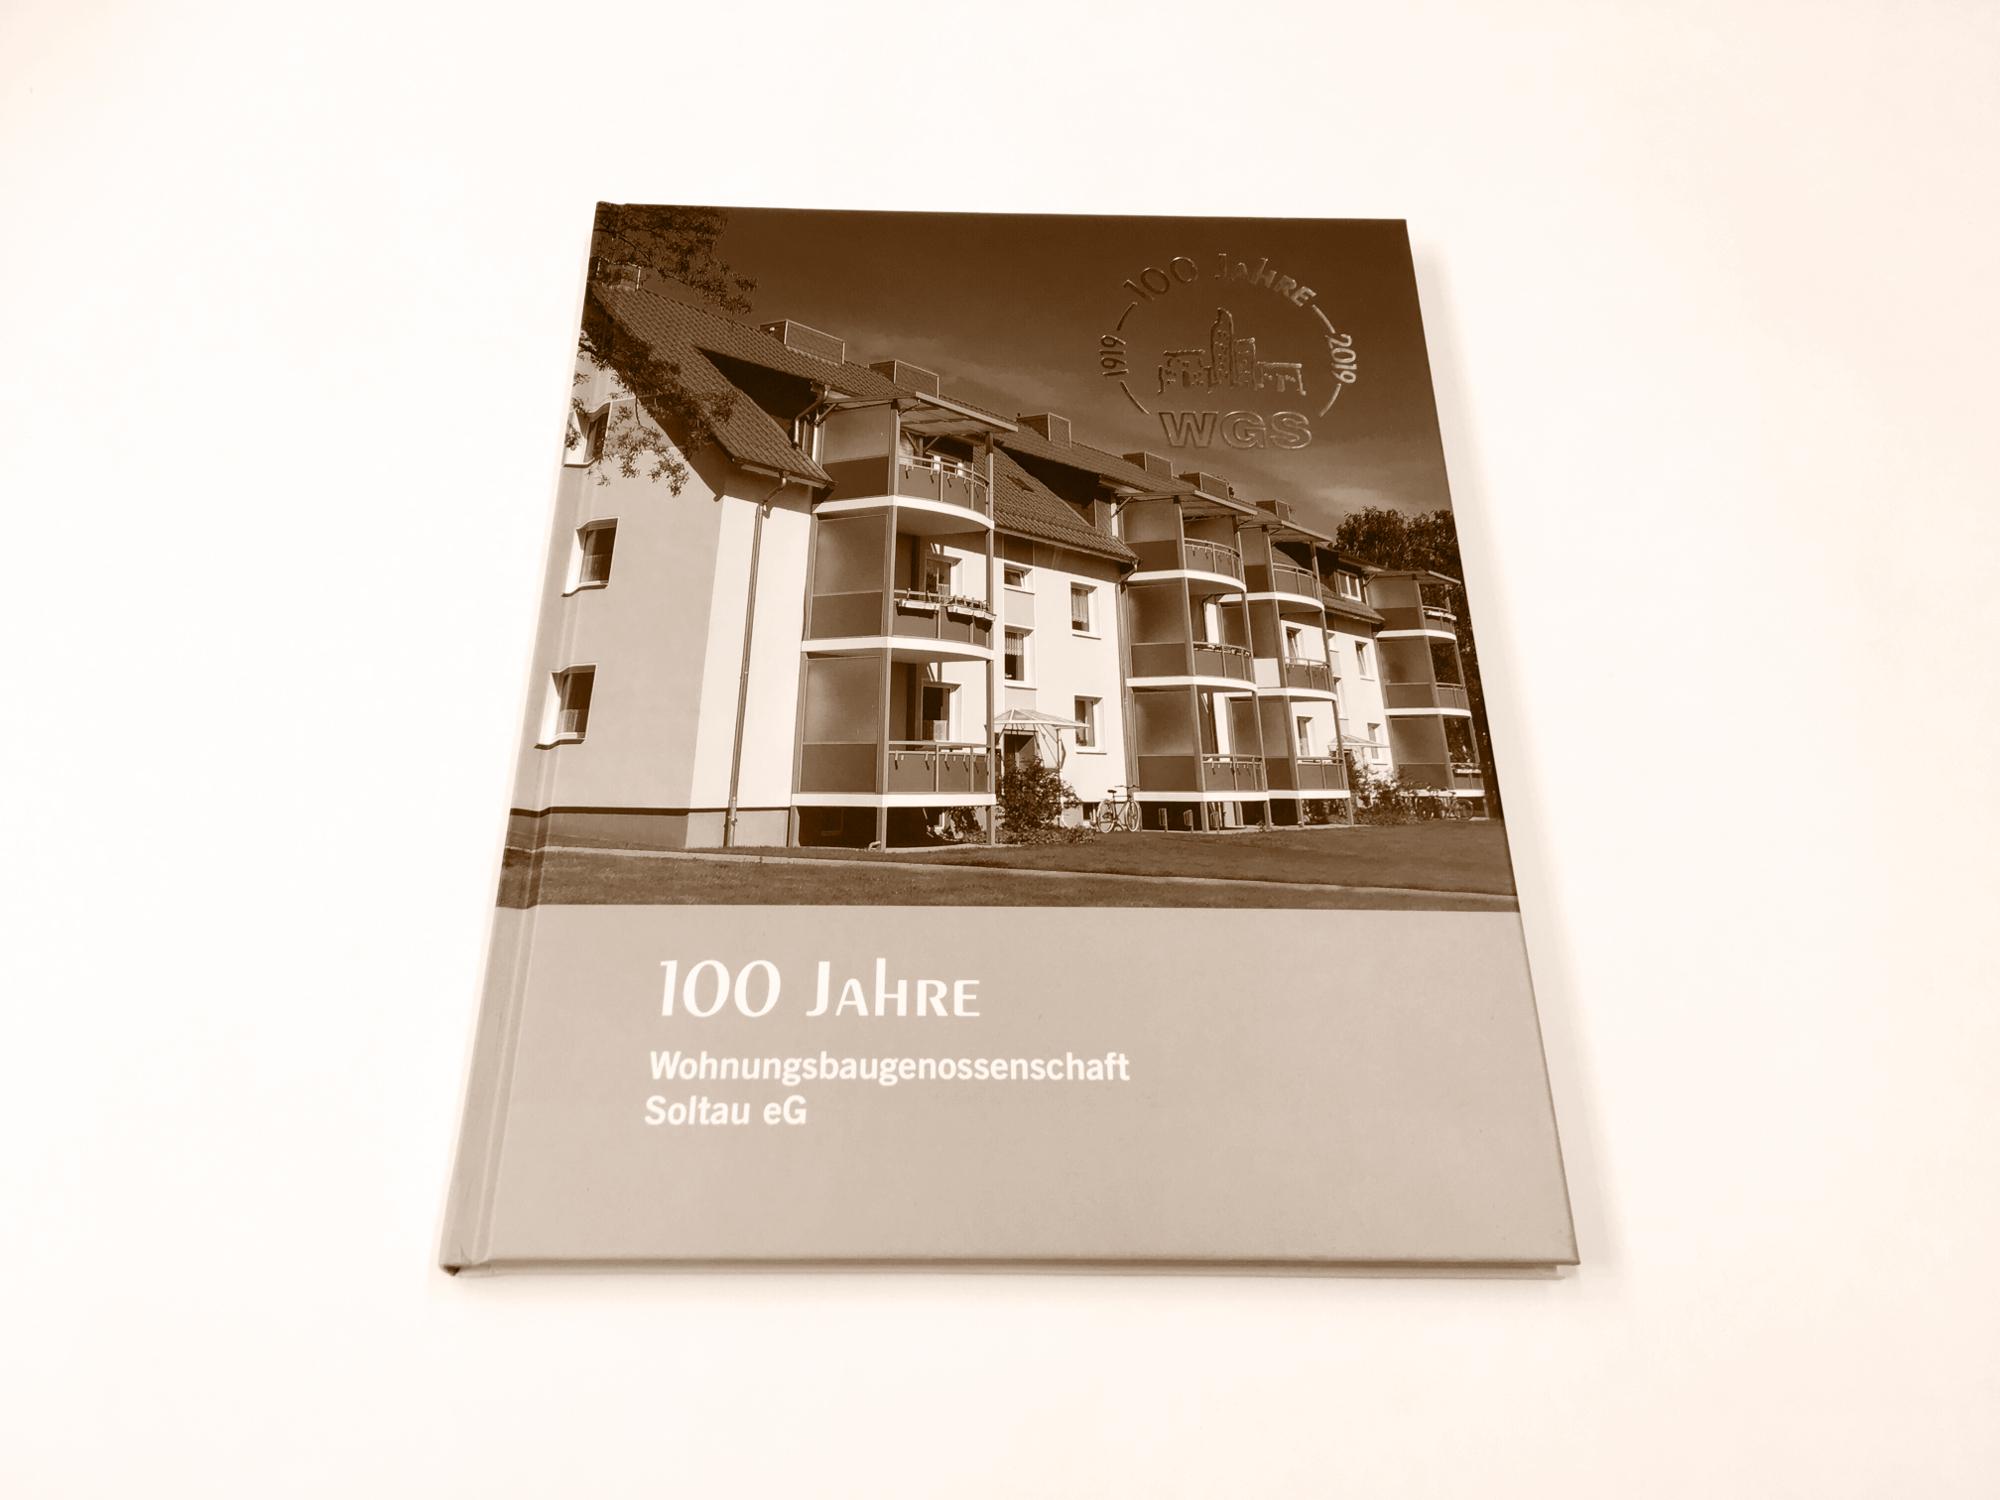 Firmengeschichten Hamburg 100 Jahre Wohnungsbaugenossenschaft Soltau eG